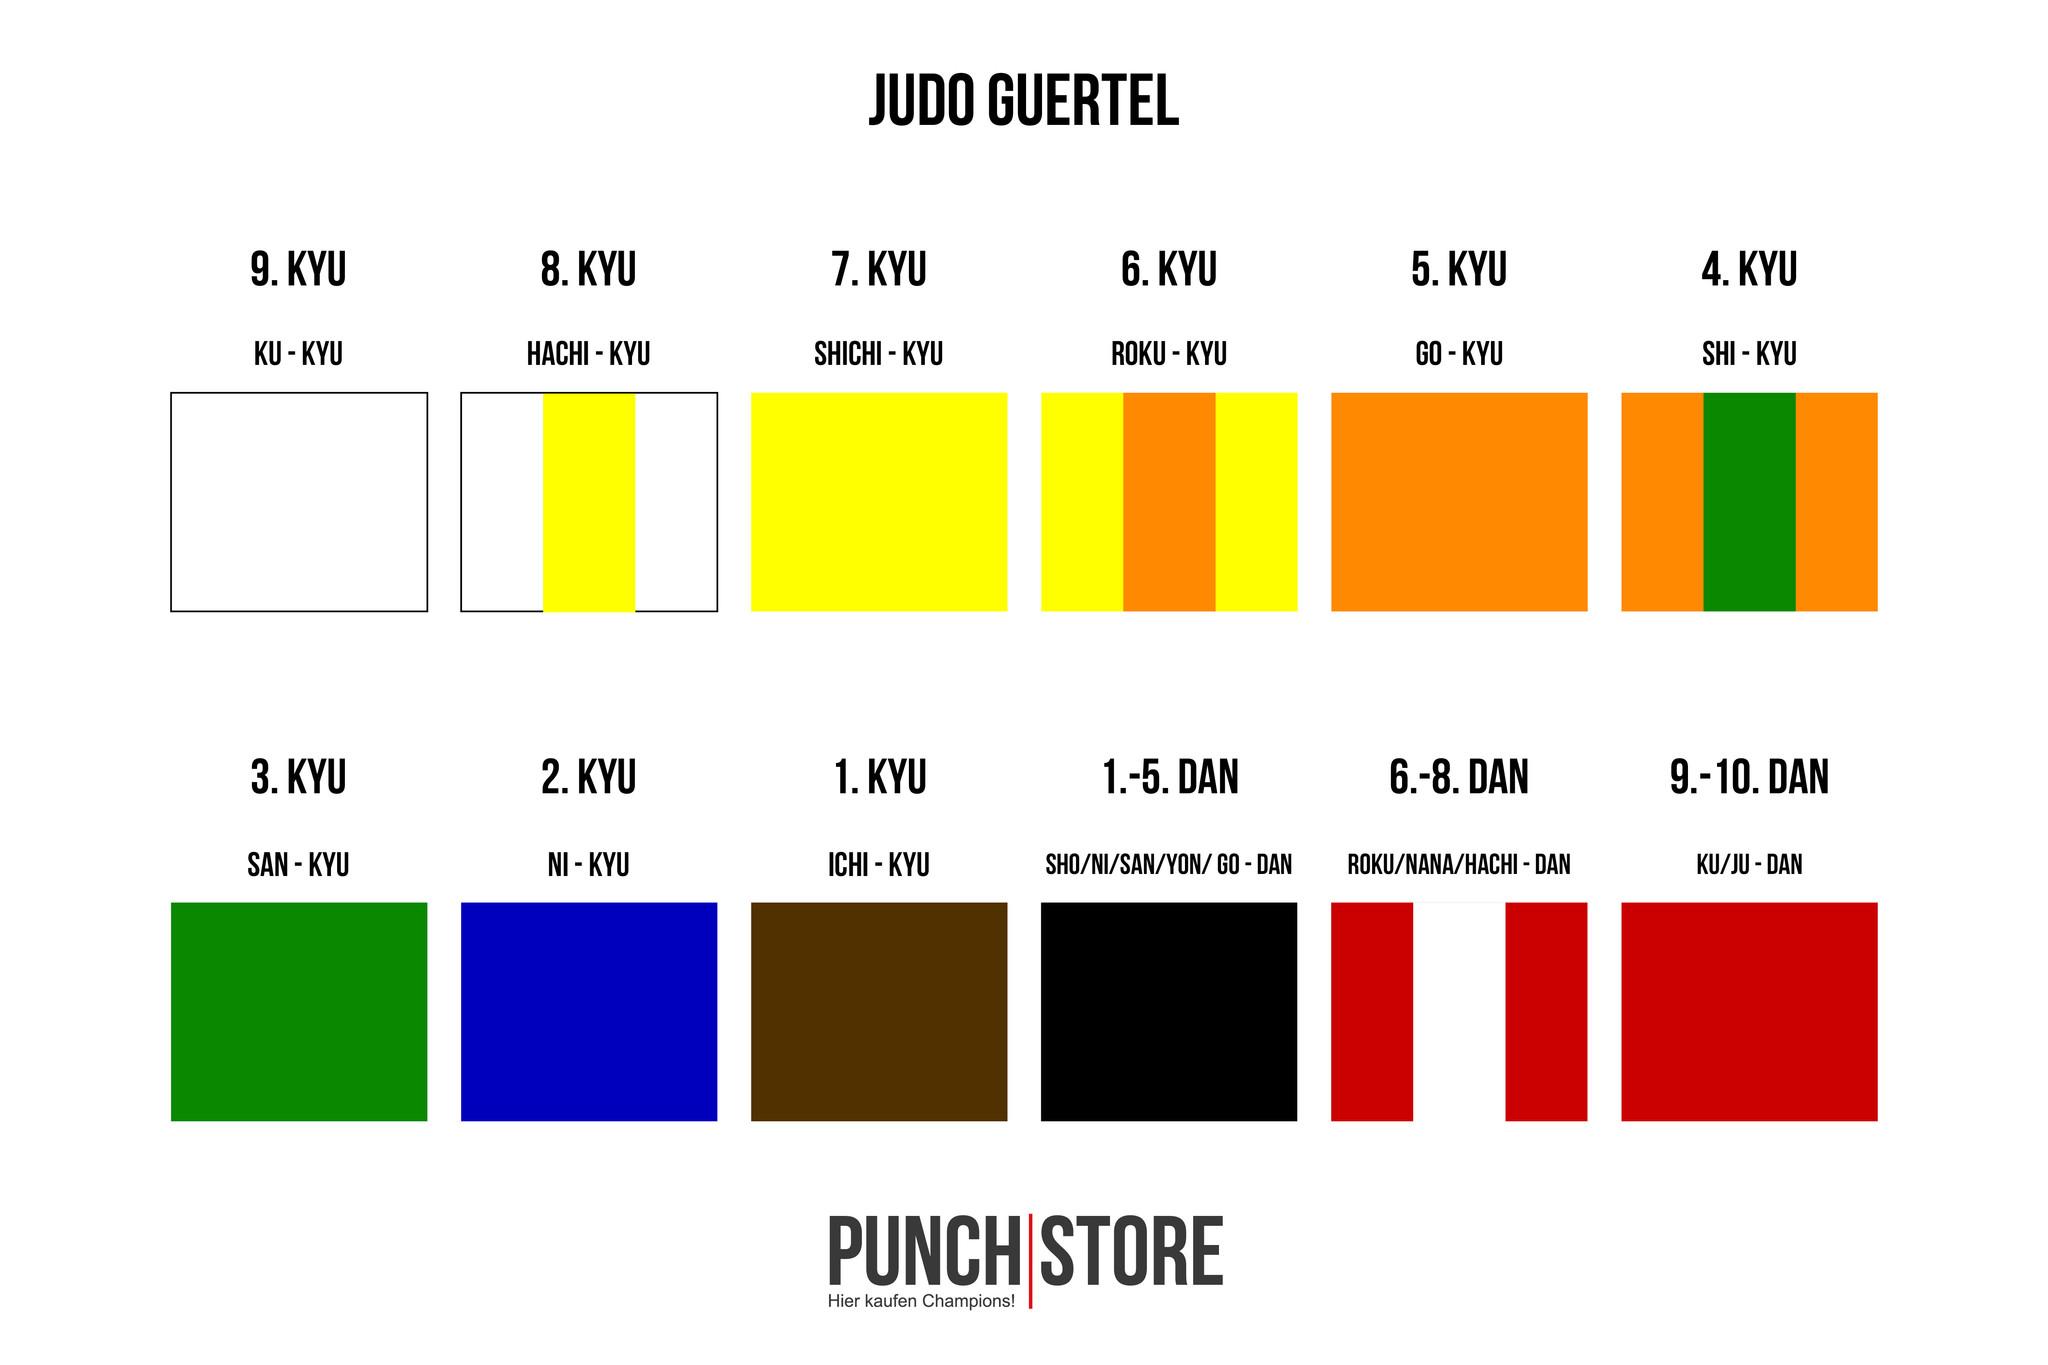 welche judog rtel gibt es welche reihenfolge ist bei judog rteln in deutschland die richtige. Black Bedroom Furniture Sets. Home Design Ideas